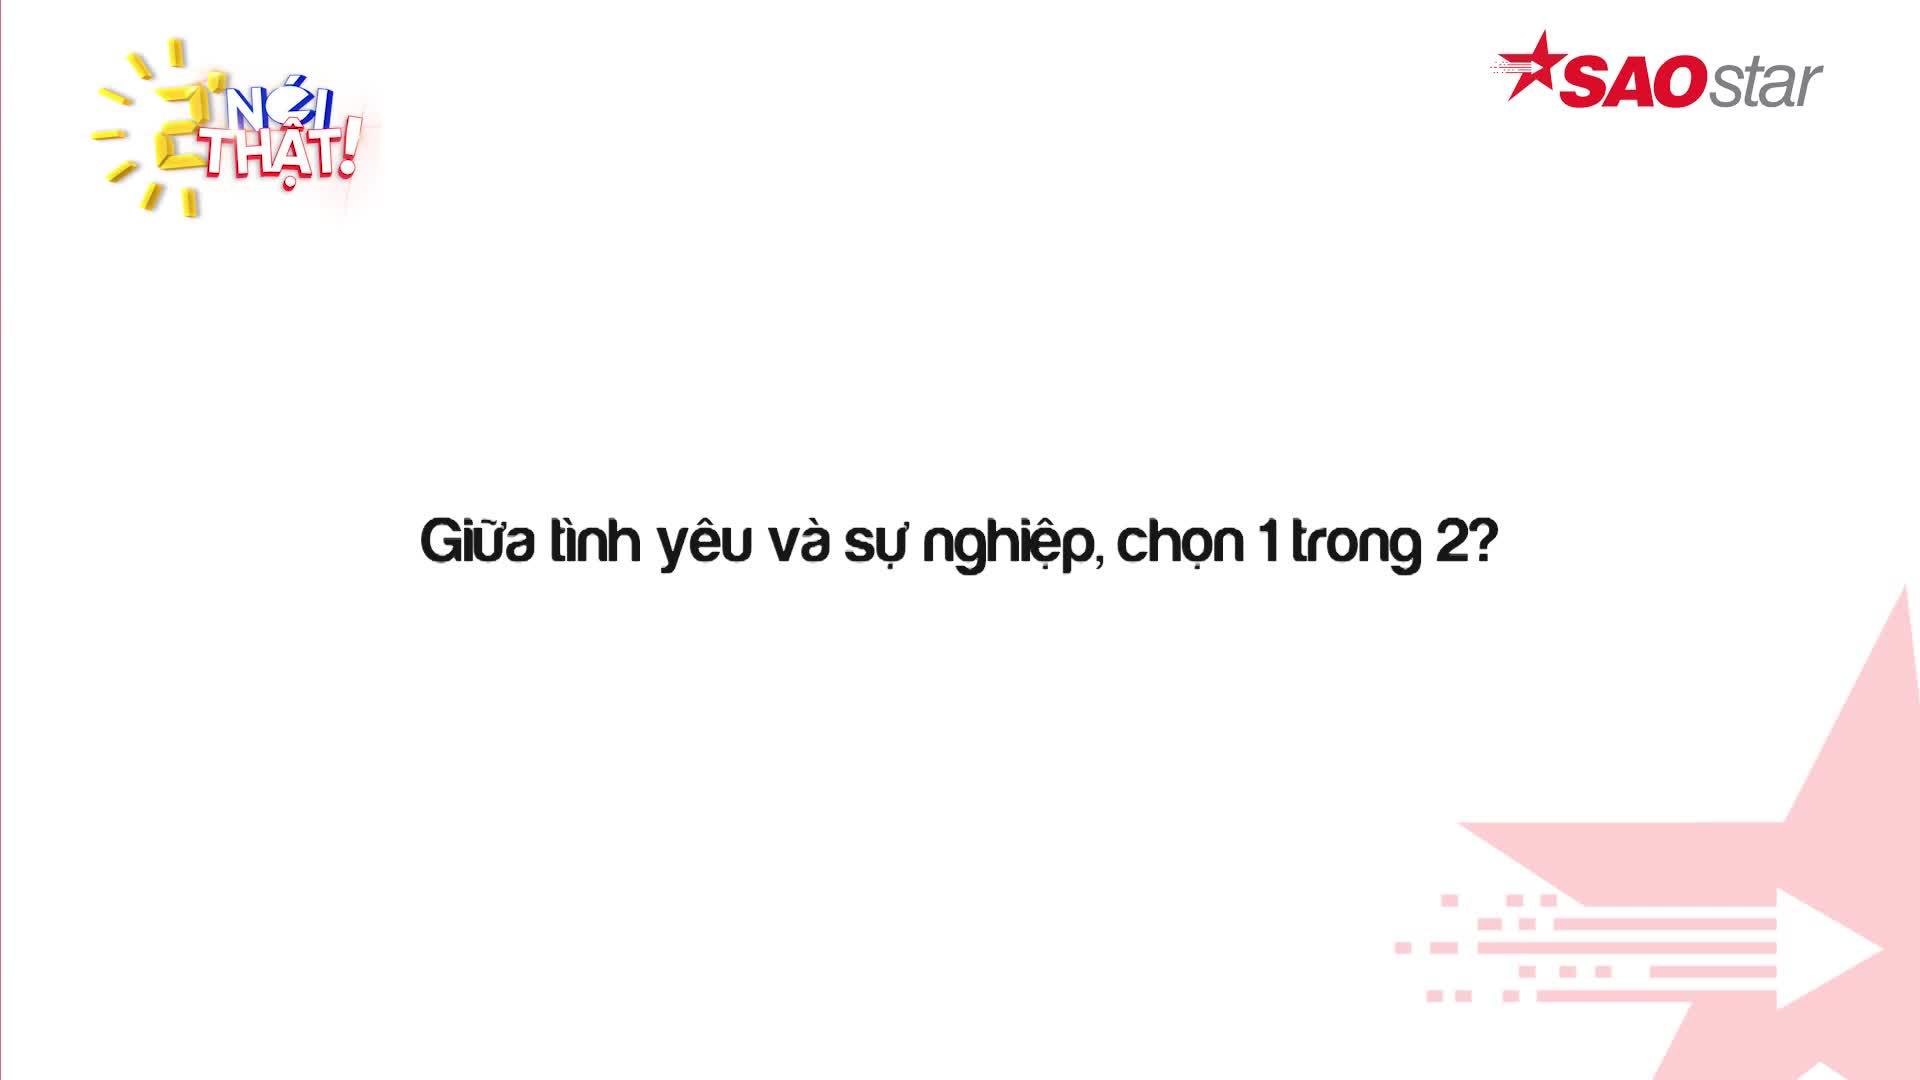 2 phút nói thật: Trịnh Thăng Bình lần đầu thừa nhận phẫu thuật thẩm mỹ